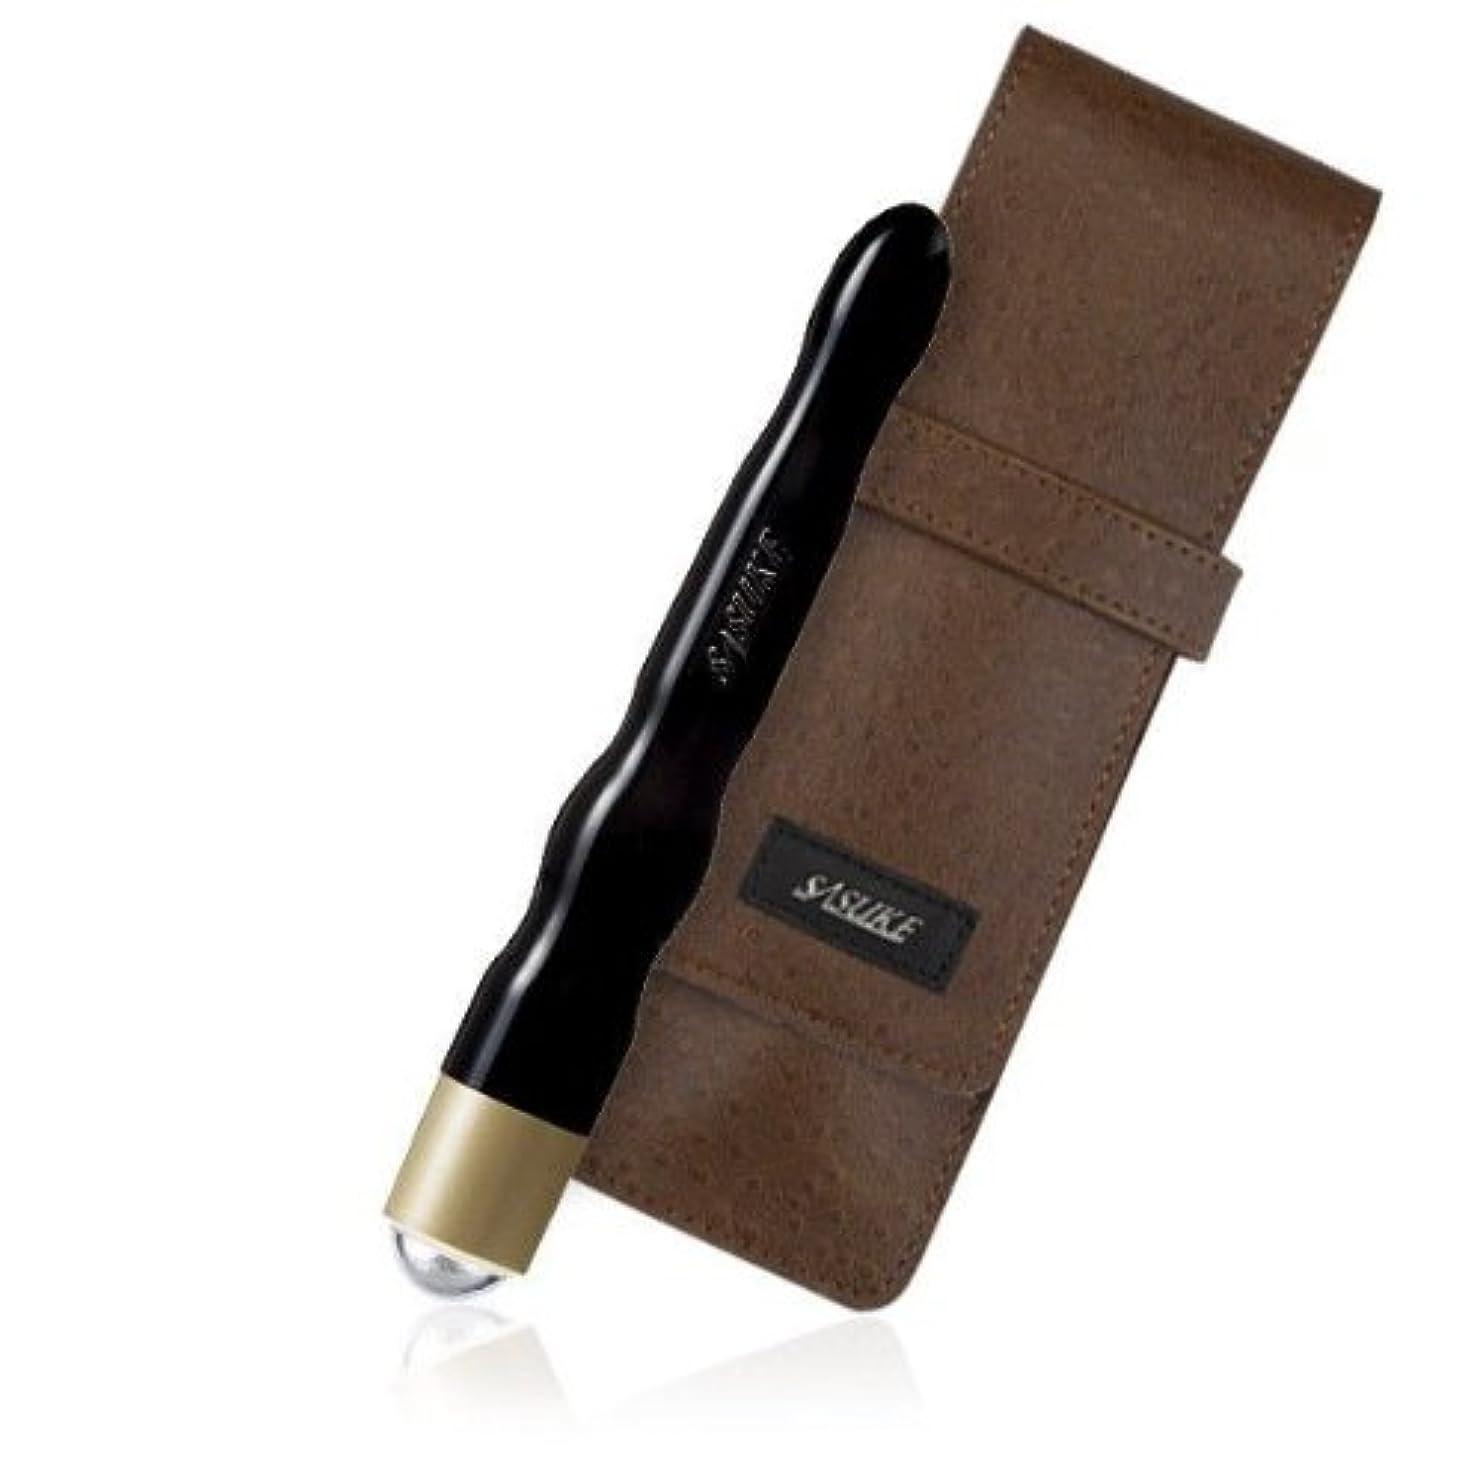 褐色五切手SASUKE ツボ押しローラー (ピアノブラック)+専用ケース(クラッシックブラウン)セット